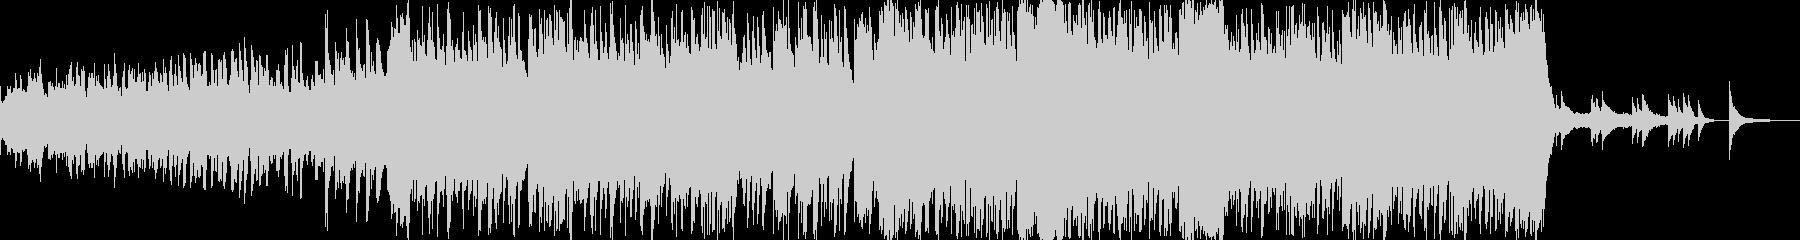 華やかで明るいイメージのBGMの未再生の波形